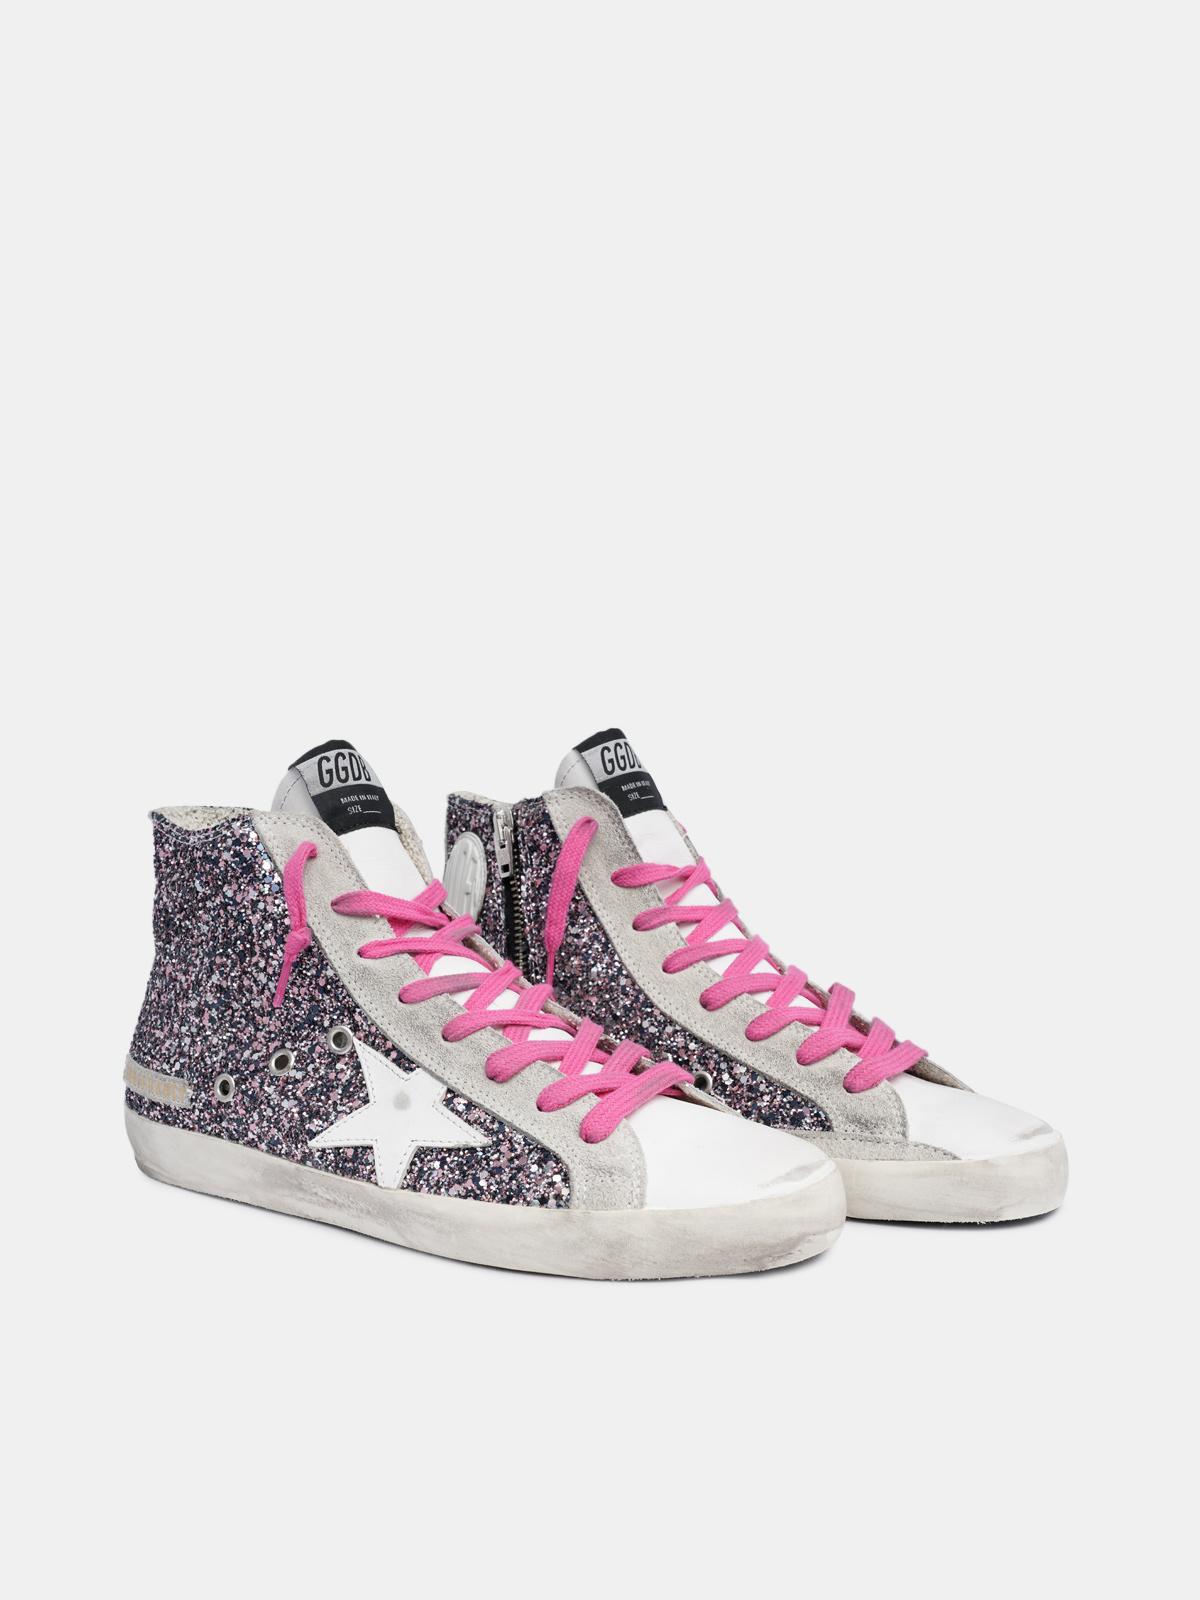 Golden Goose - Sneakers Francy con glitter multicolor e lacci fucsia in